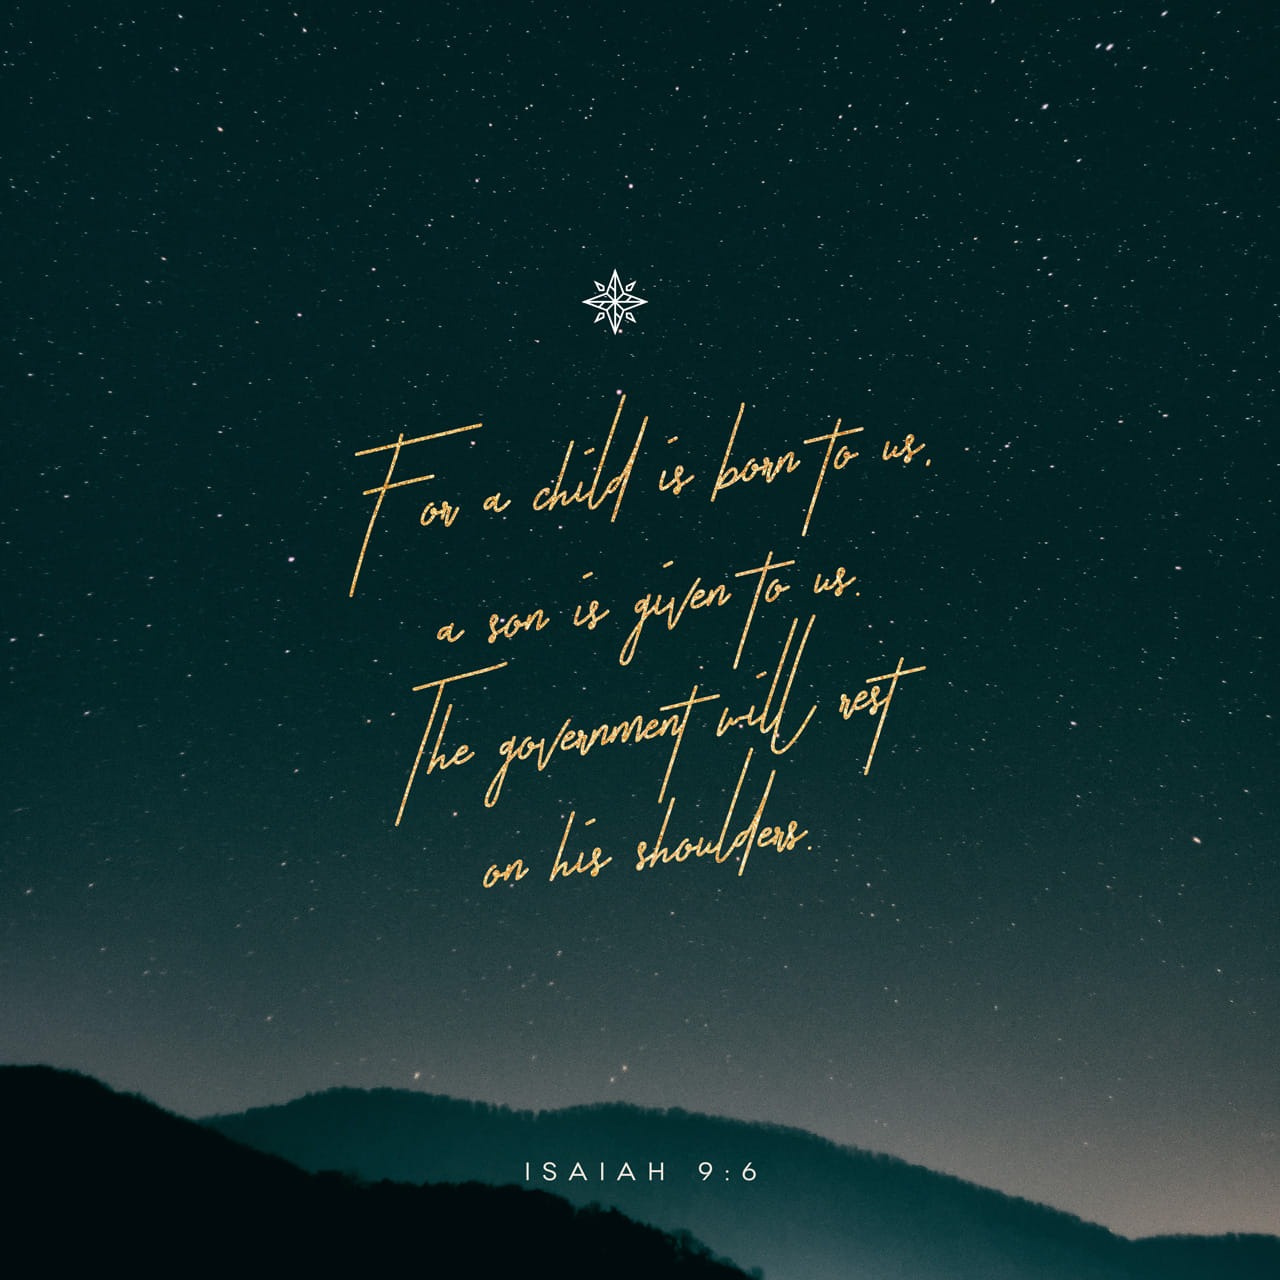 Verse Image - Isaiah 9:6